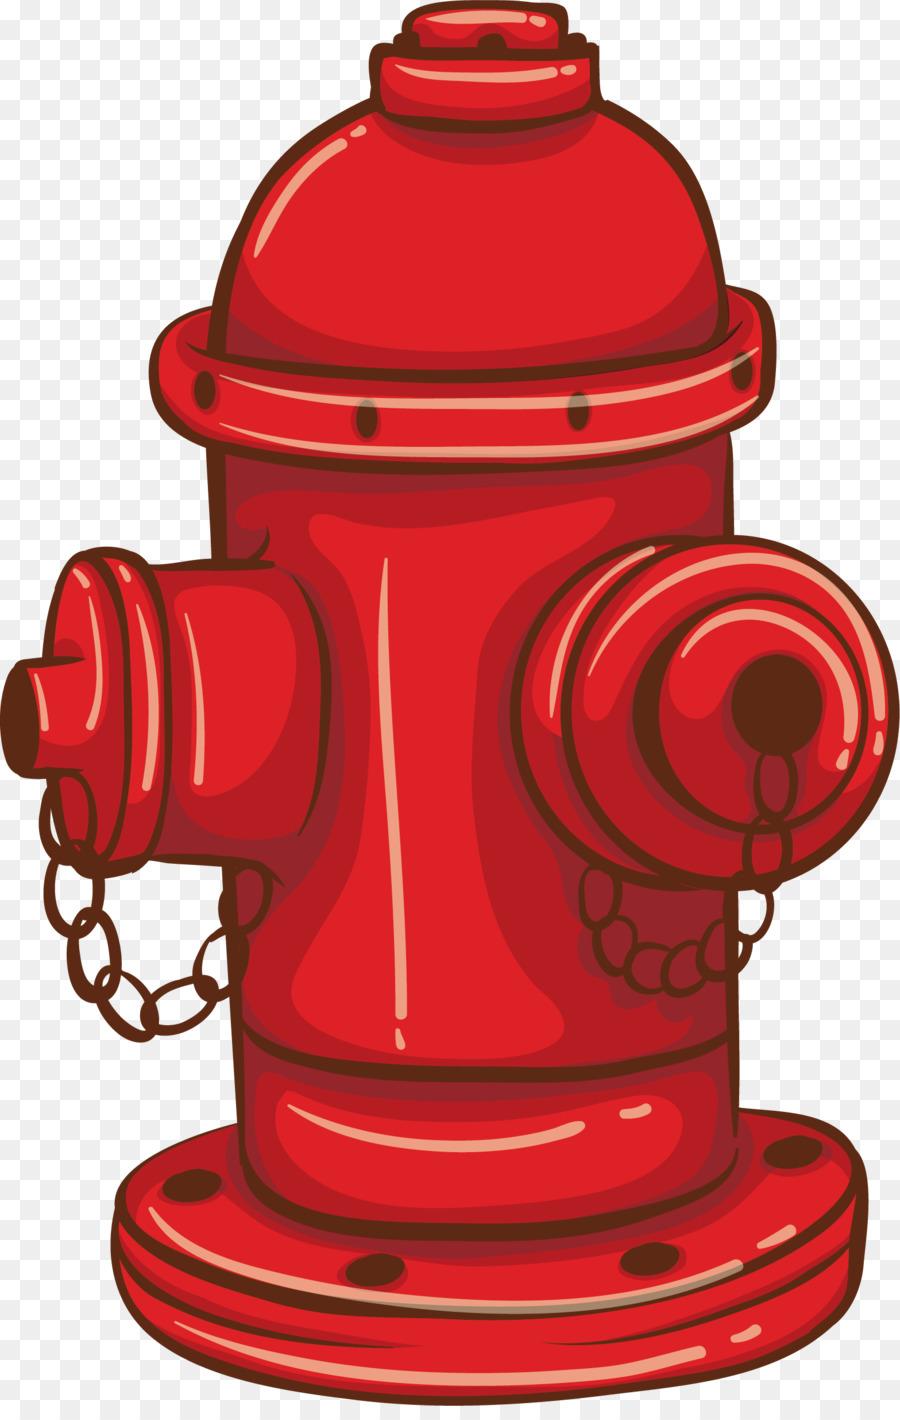 Картинка пожарного гидранта, поздравлением днем